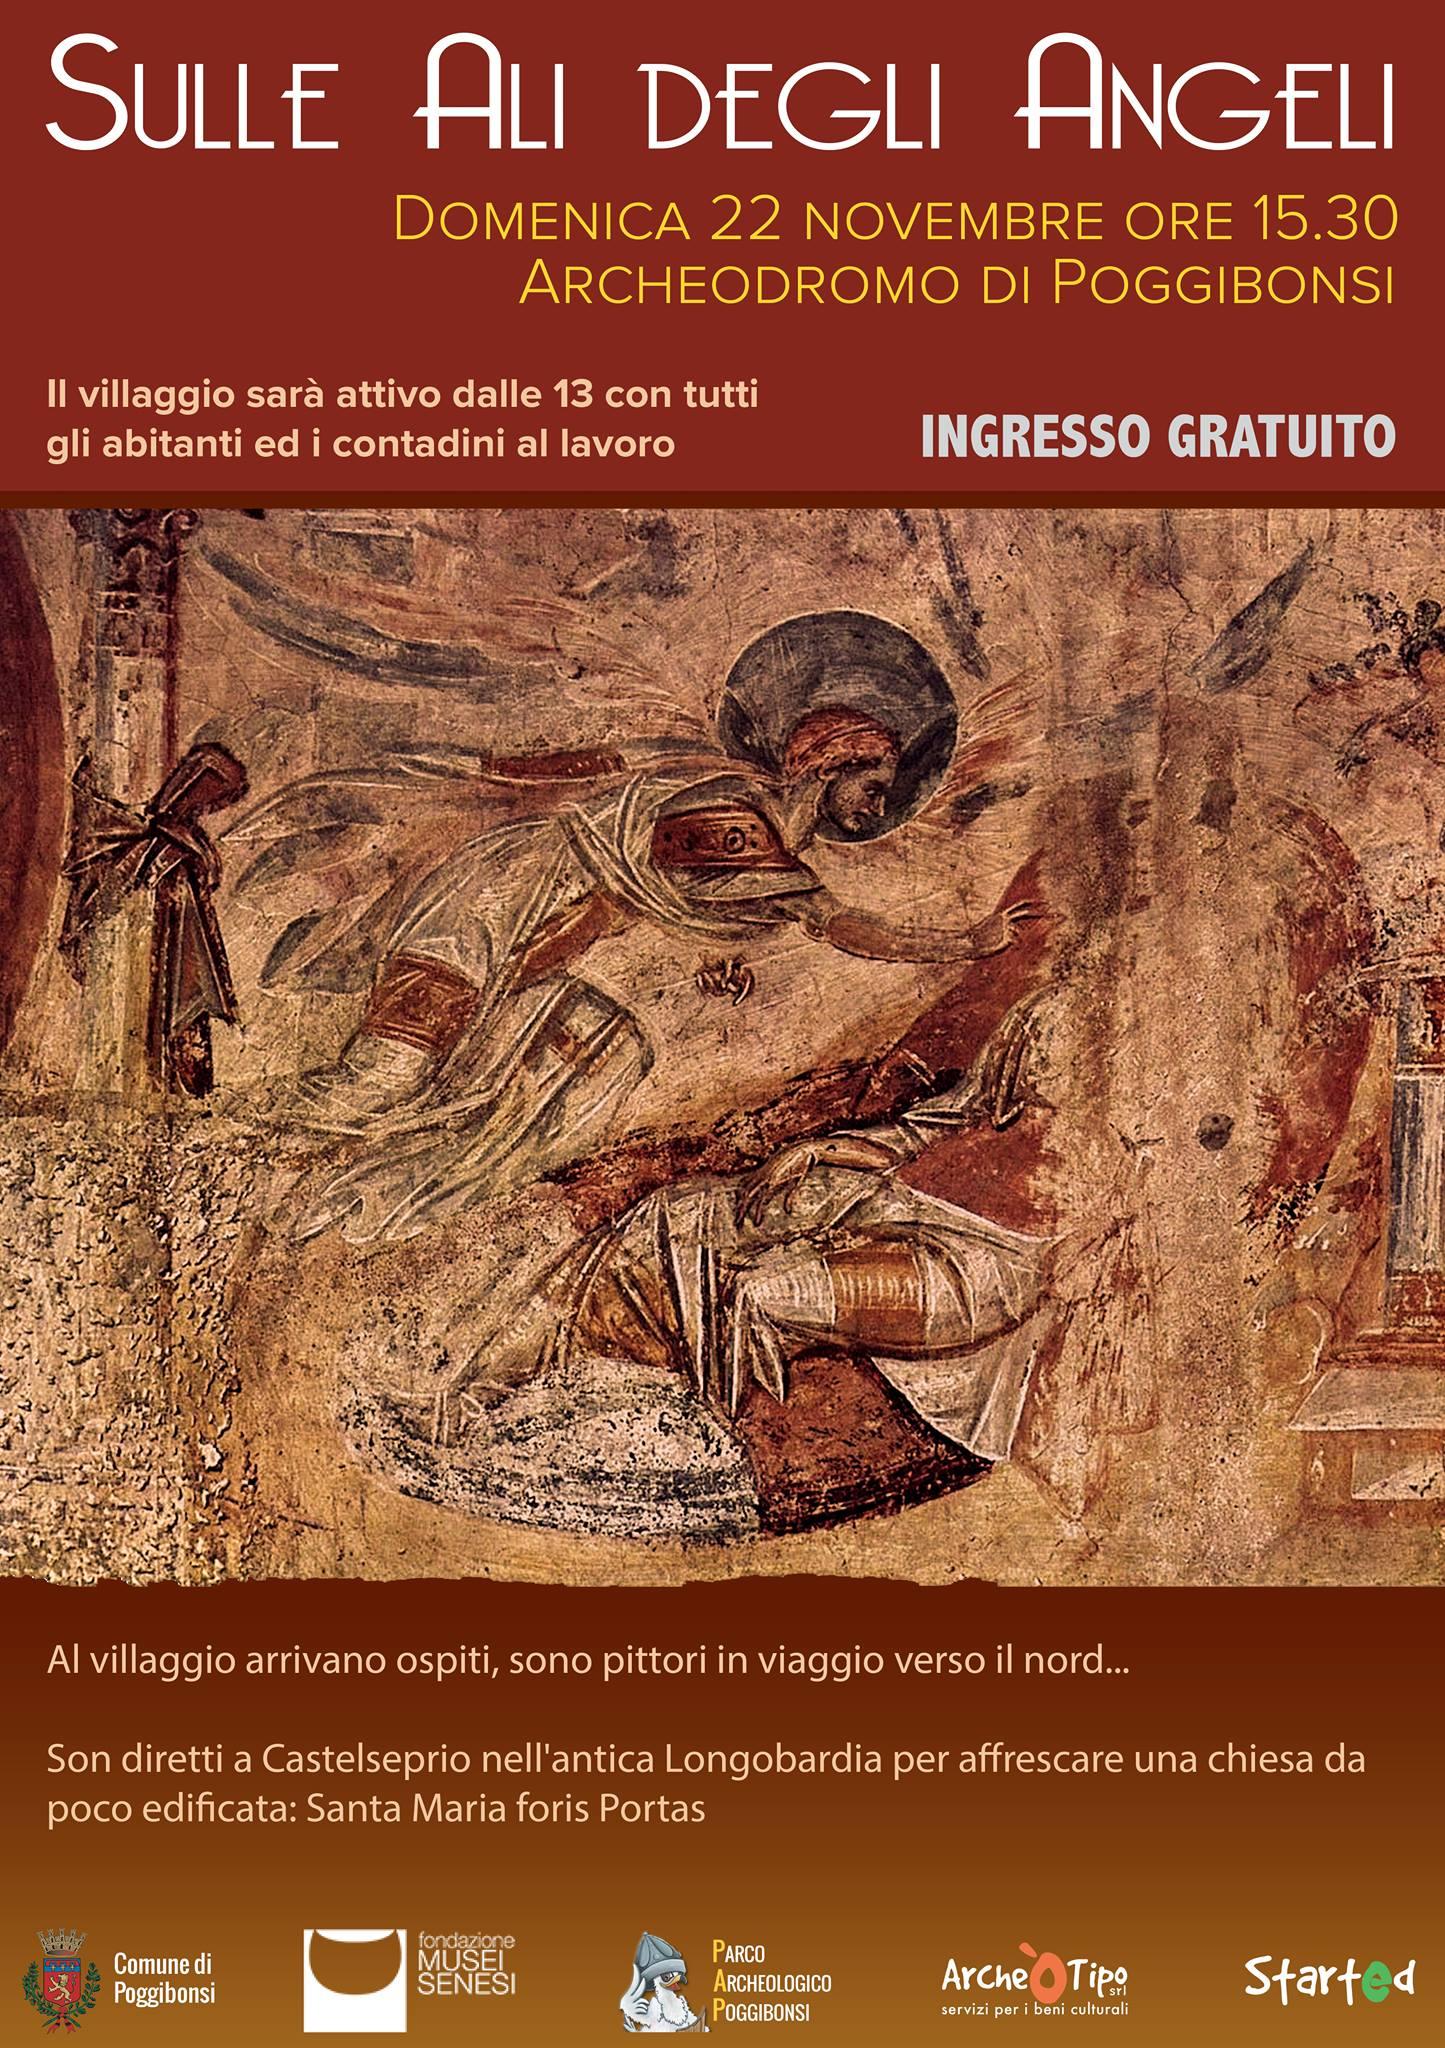 Sulle Ali degli Angeli (domenica 22 novembre ore 15.30)